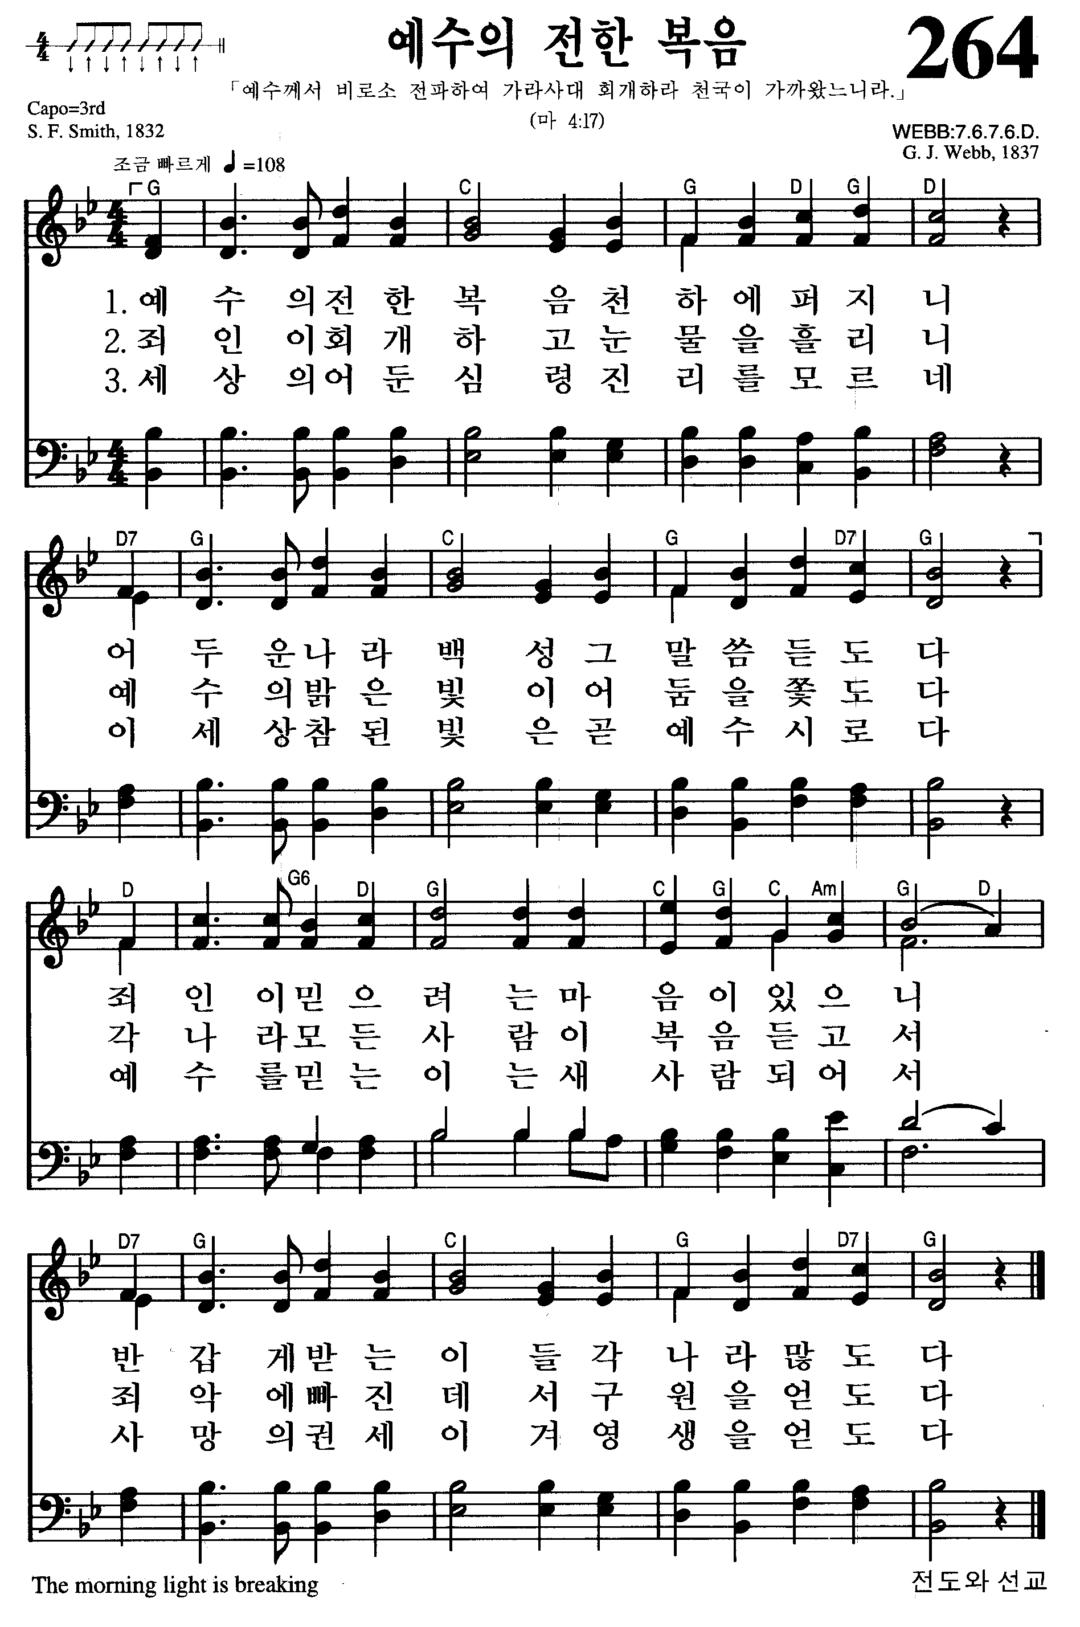 明日の光 韓国語 楽譜